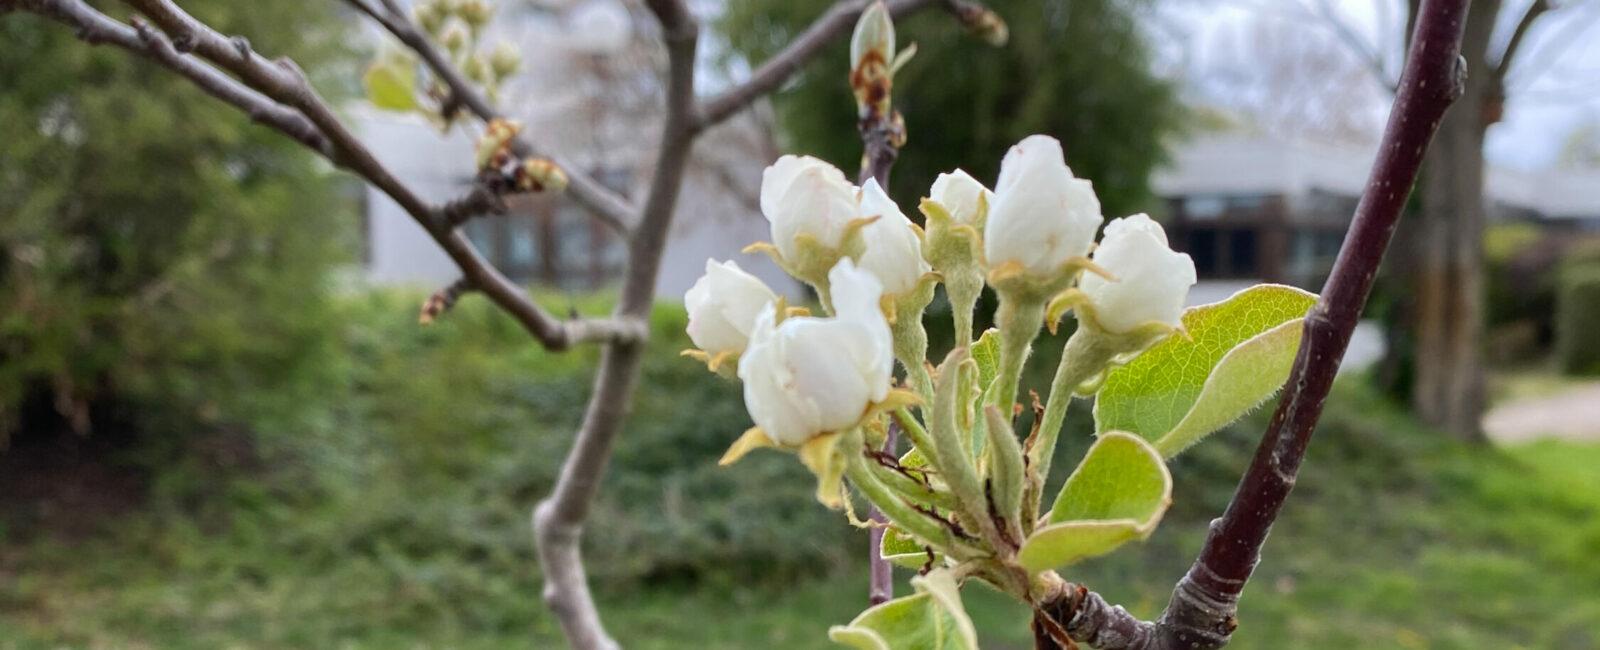 1. Blüte auf der Streuobstwiese